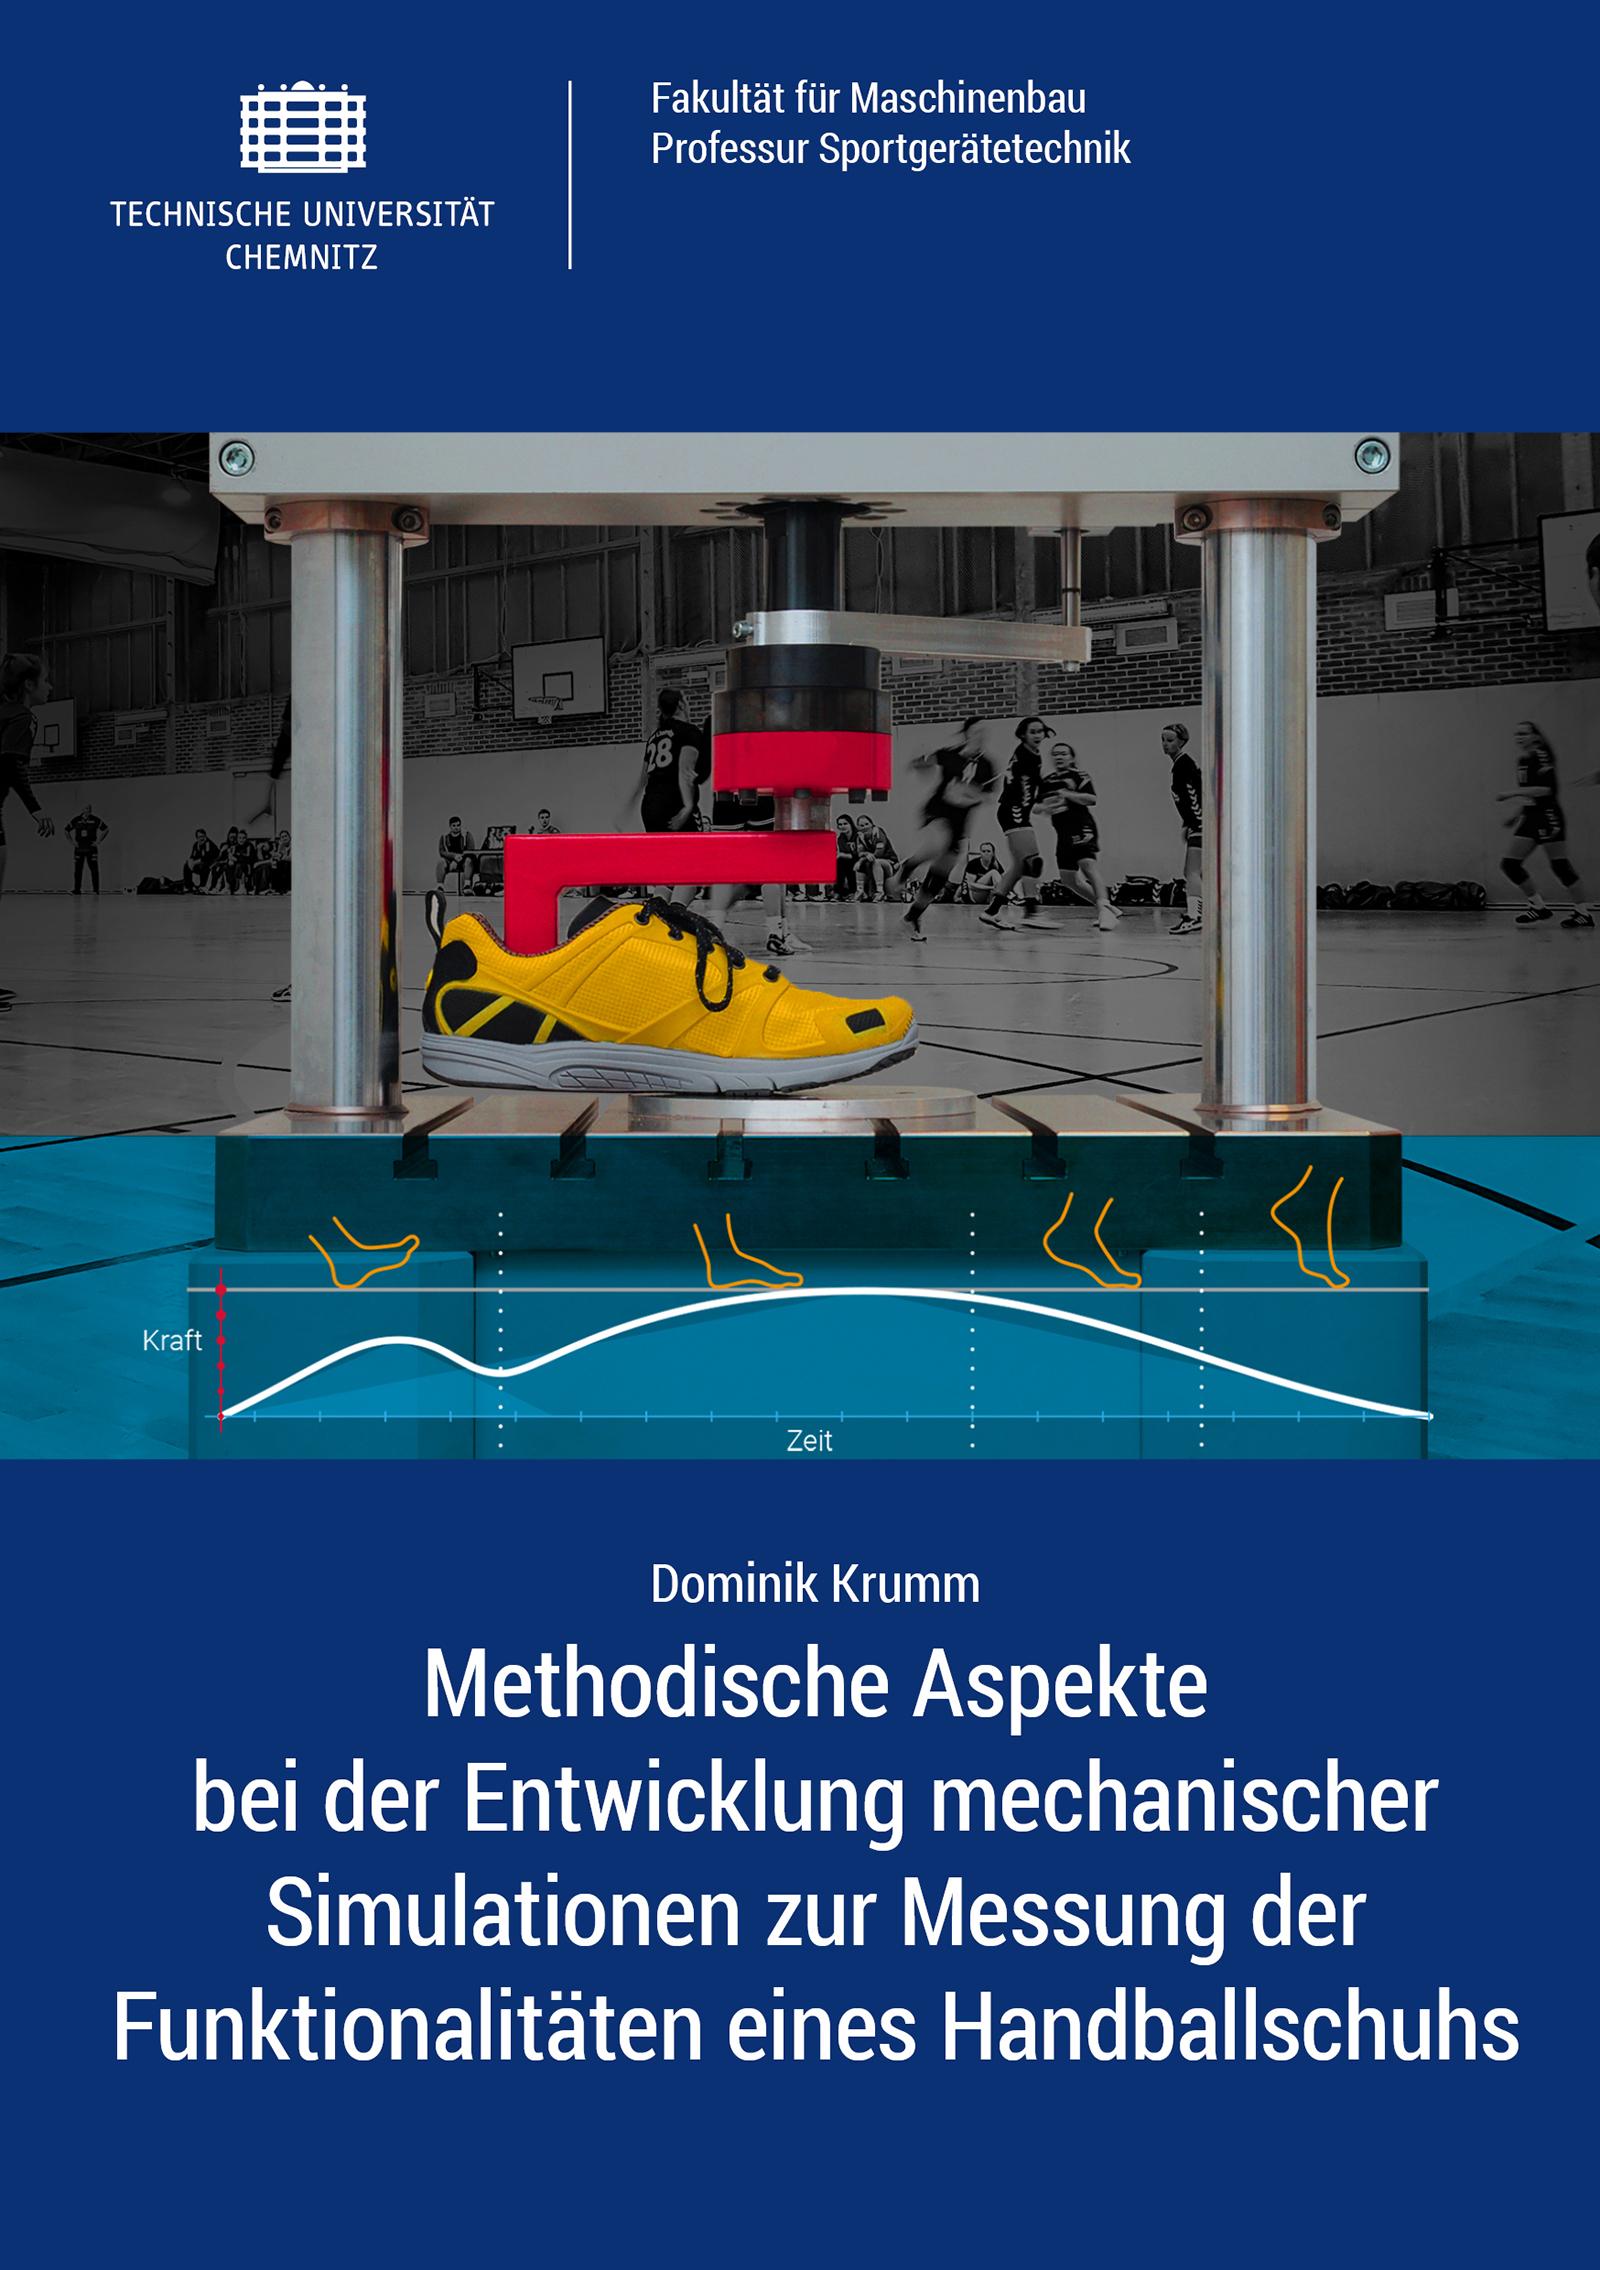 Cover: Methodische Aspekte bei der Entwicklung mechanischer Simulationen zur Messung der Funktionalitäten eines Handballschuhs